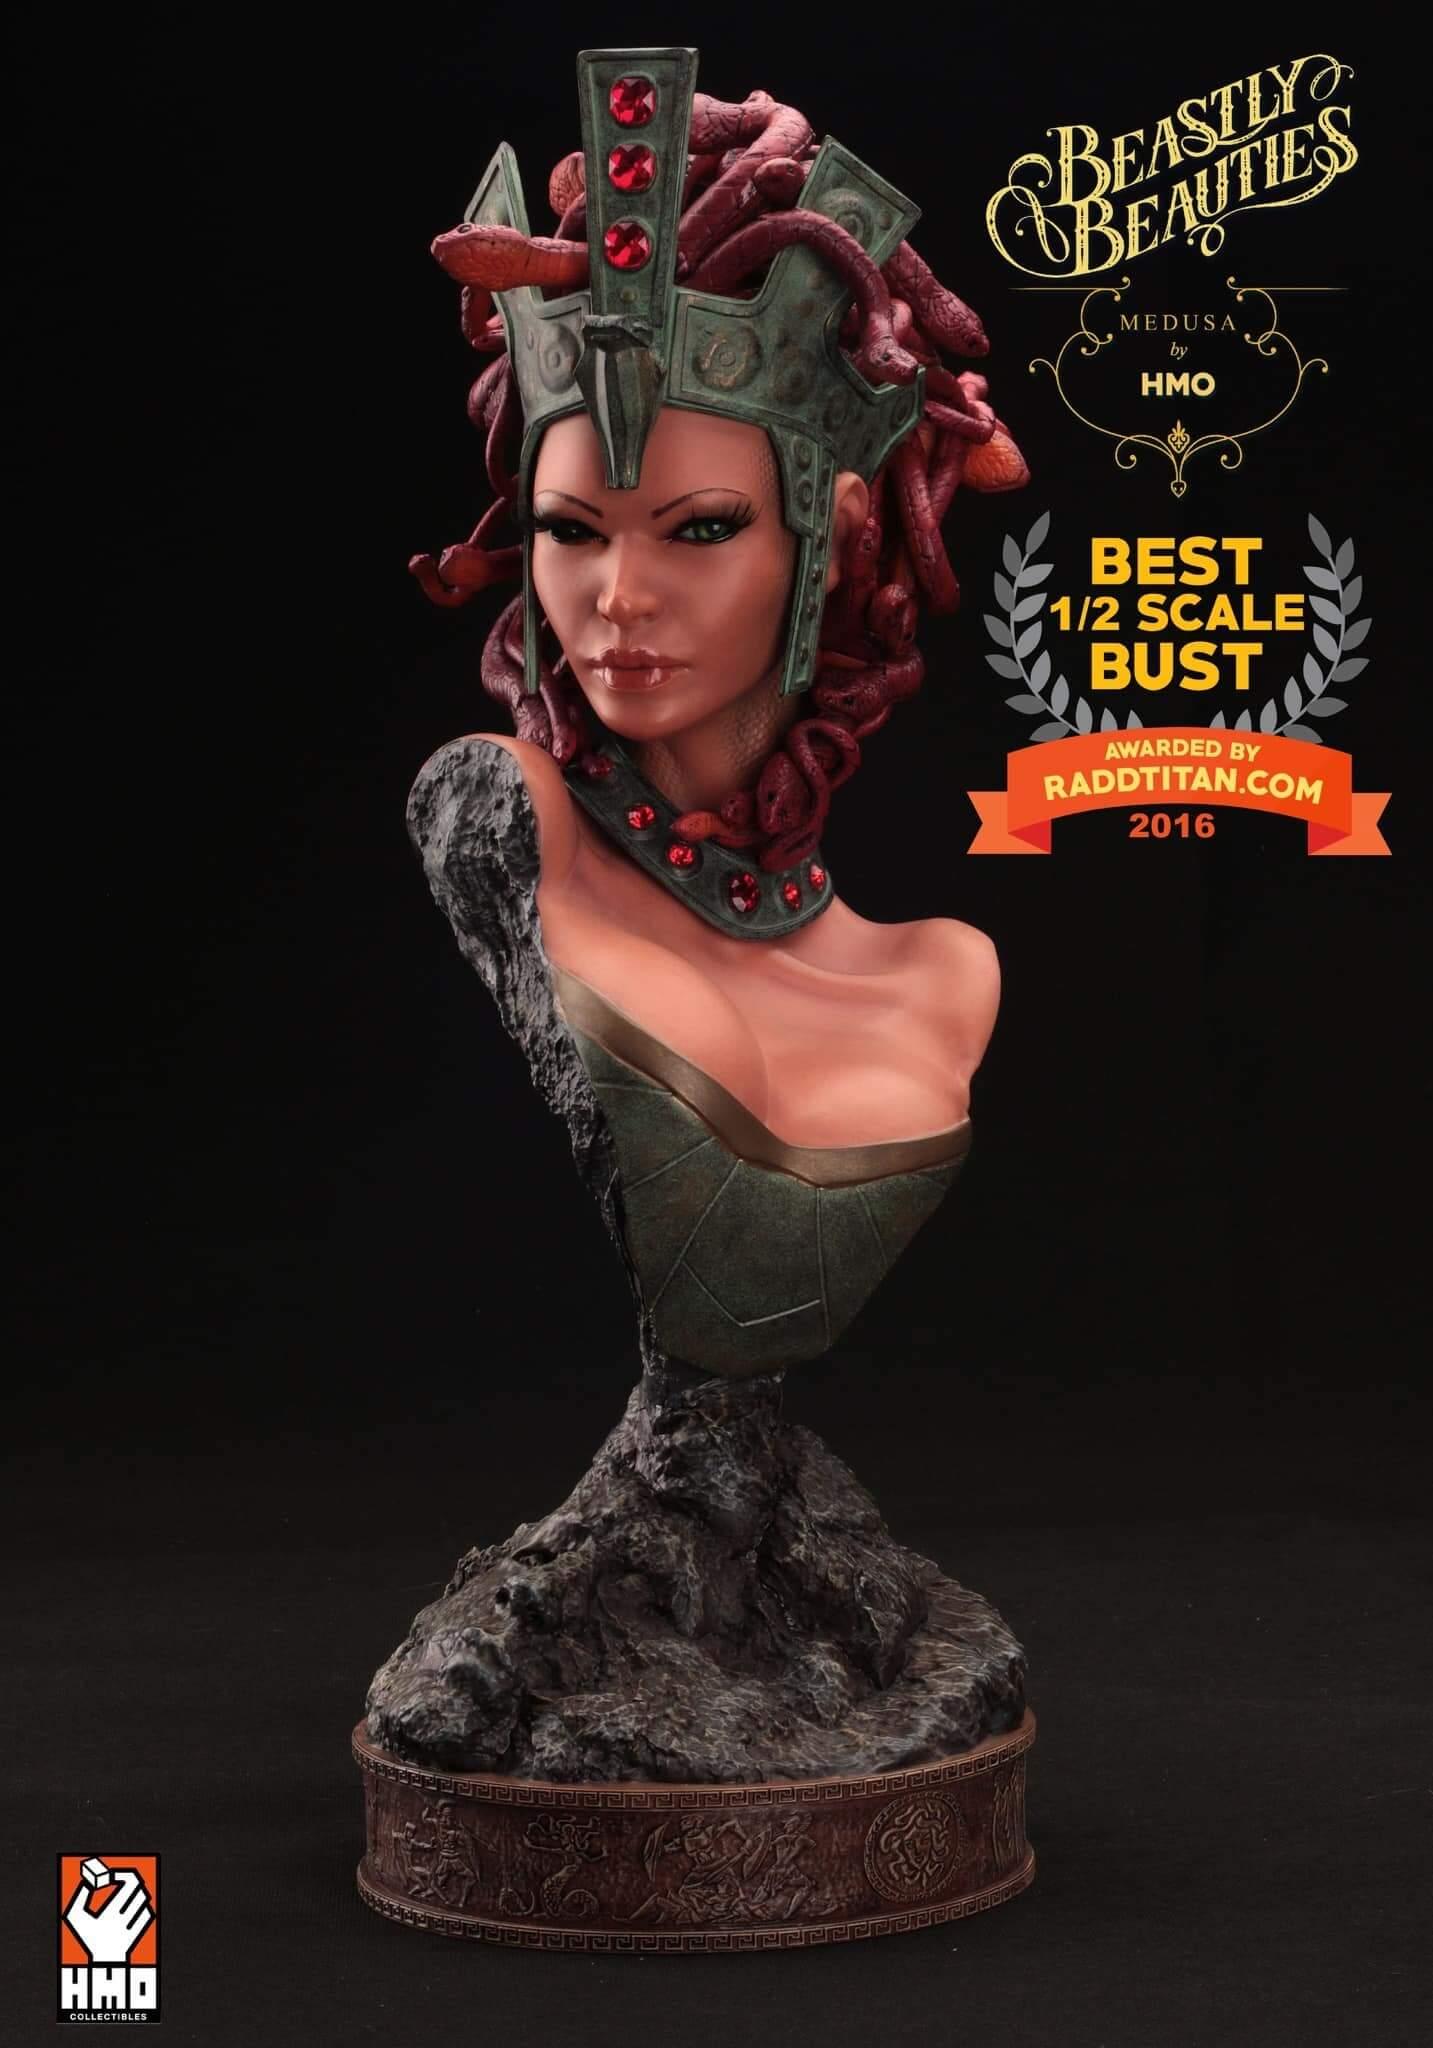 Medusa Bags Raddtitan's Best 1/2 Scale Bust Award